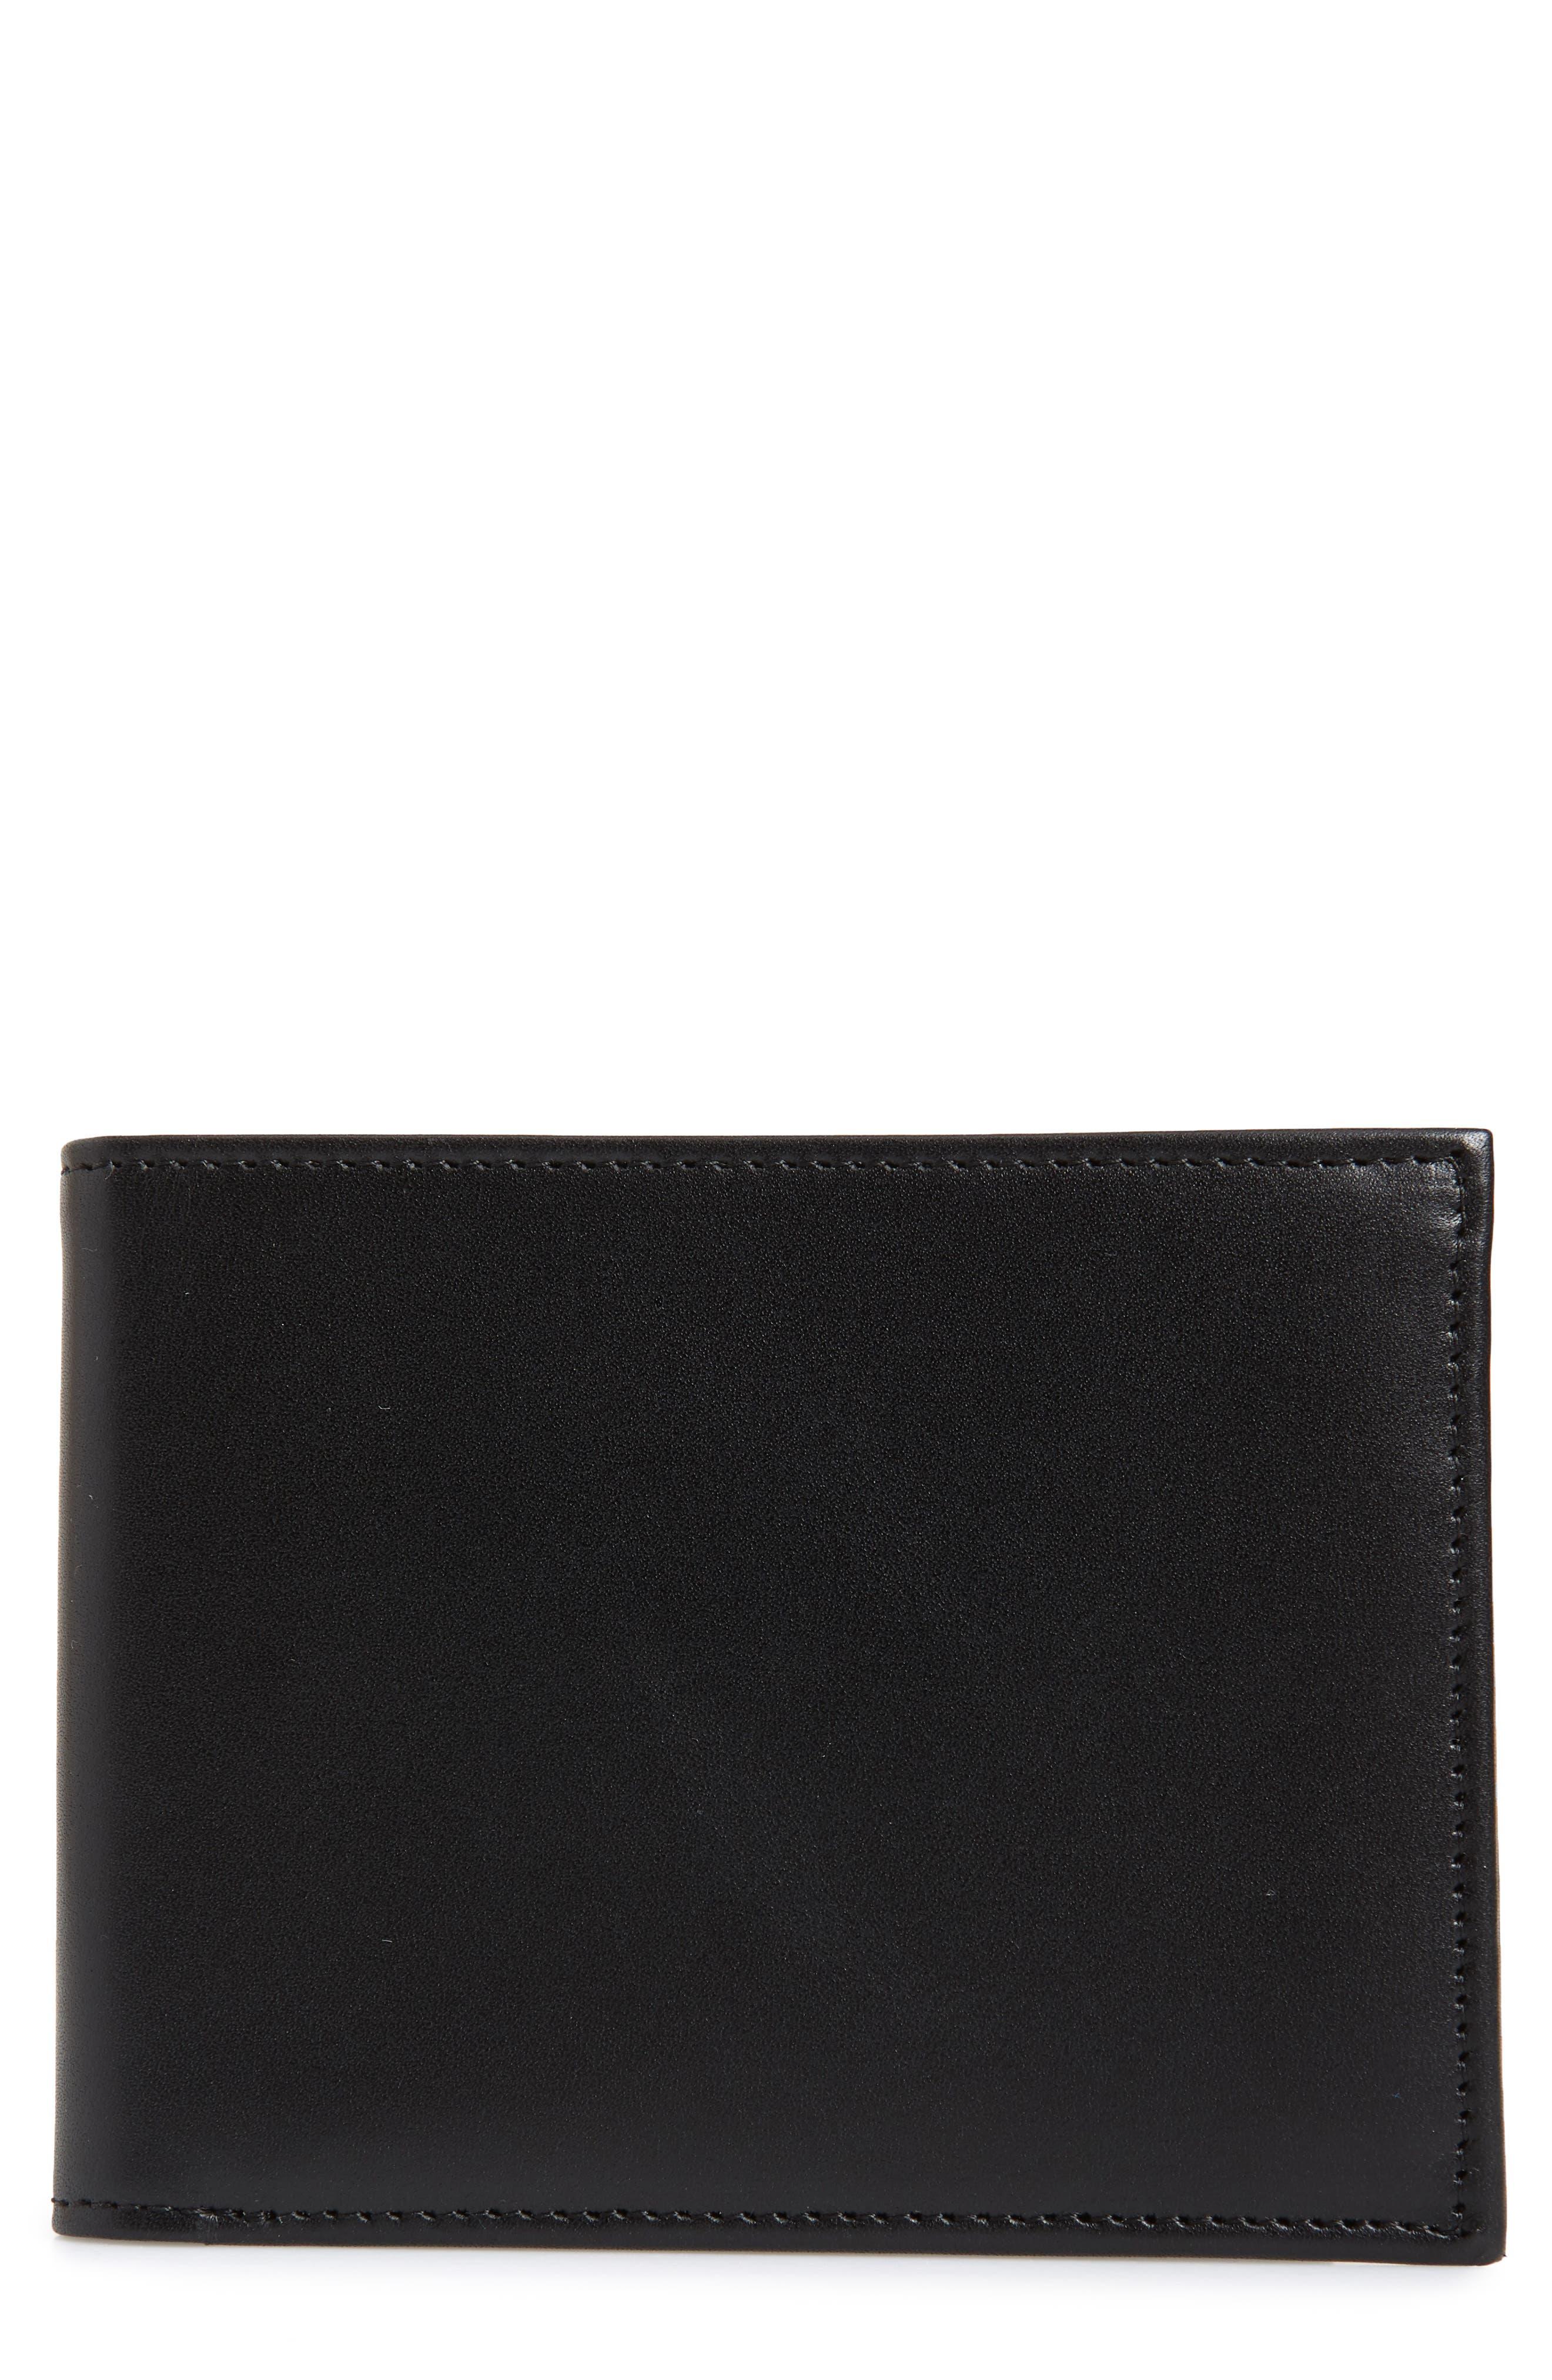 NORDSTROM MEN'S SHOP, Chelsea Leather Wallet, Main thumbnail 1, color, BLACK